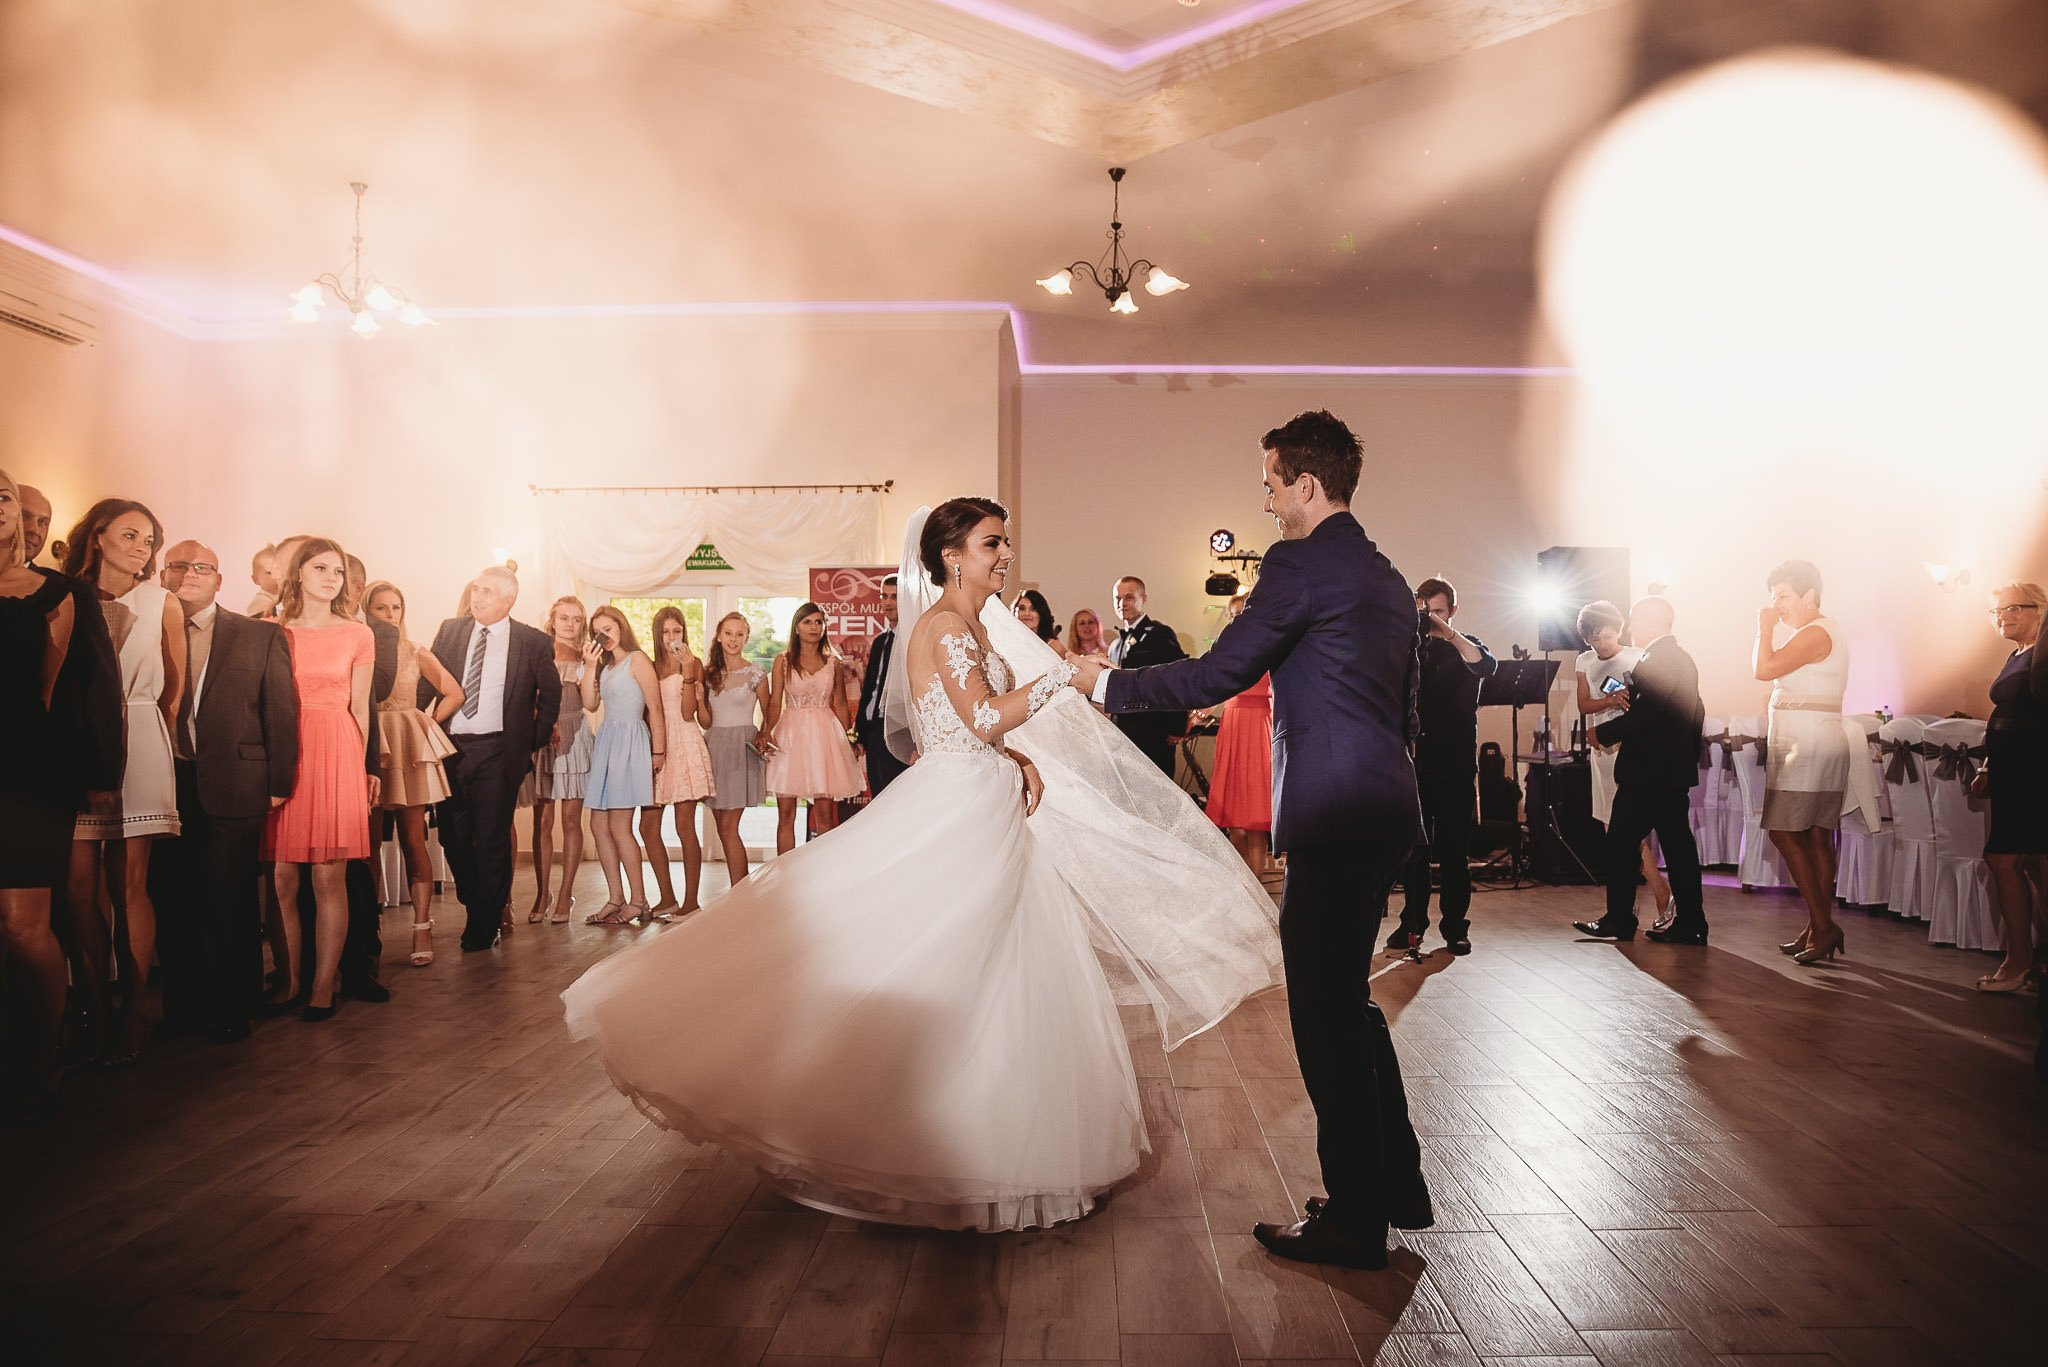 Angelika i Michał, piękne zdjęcia ślubne i sesja plenerowa w Gołuchowie 154